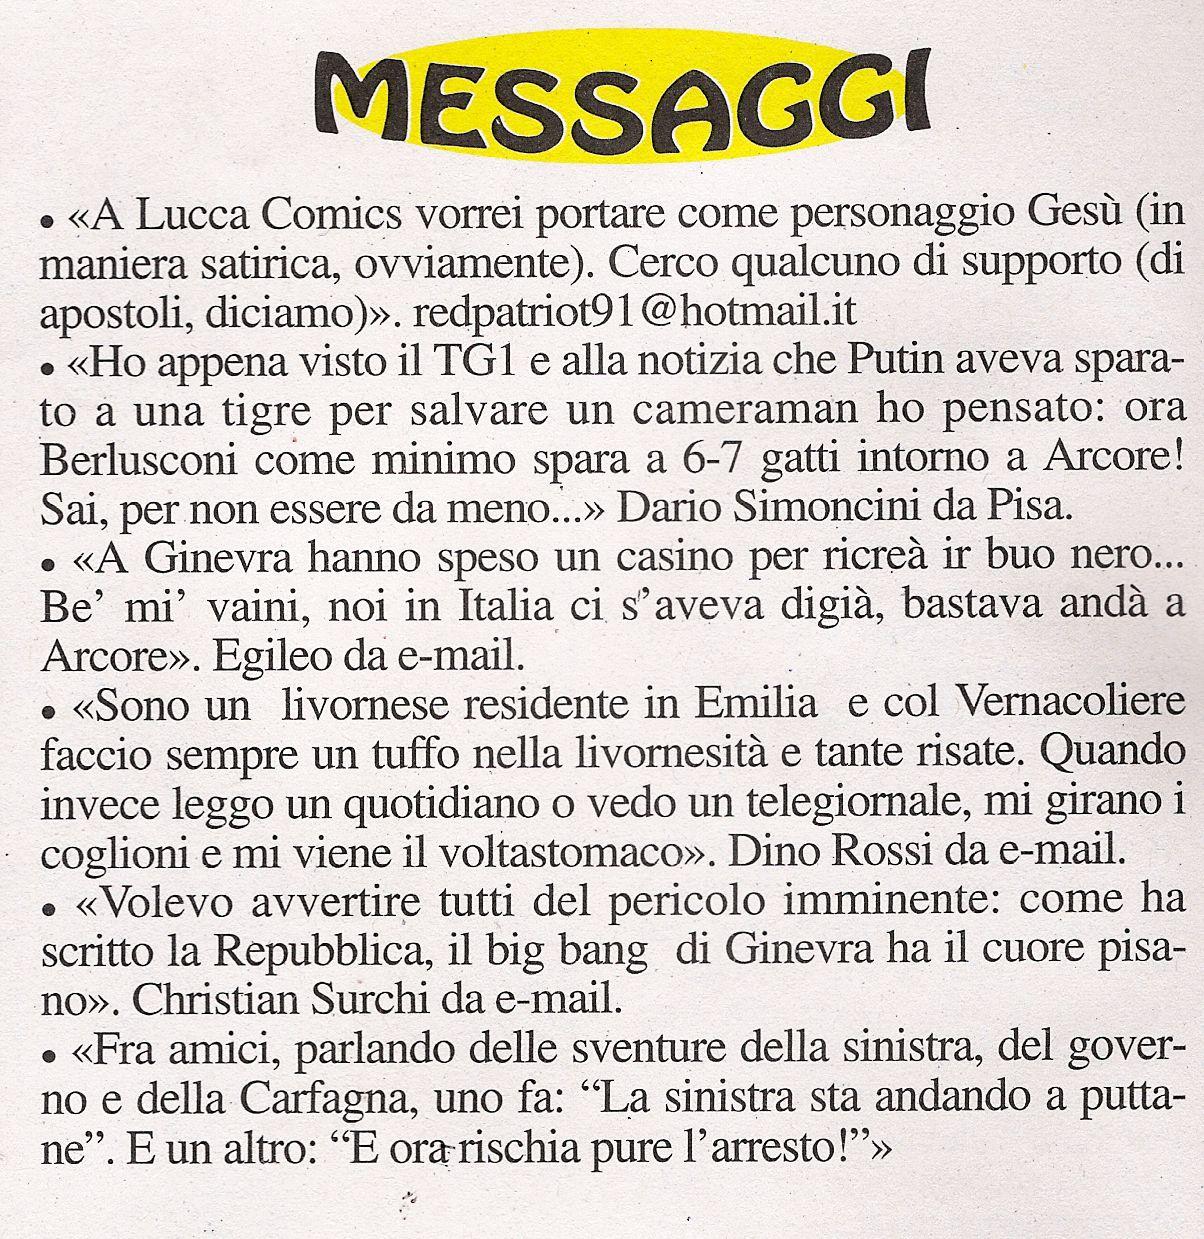 Messaggi - Vernacoliere Ottobre 2008